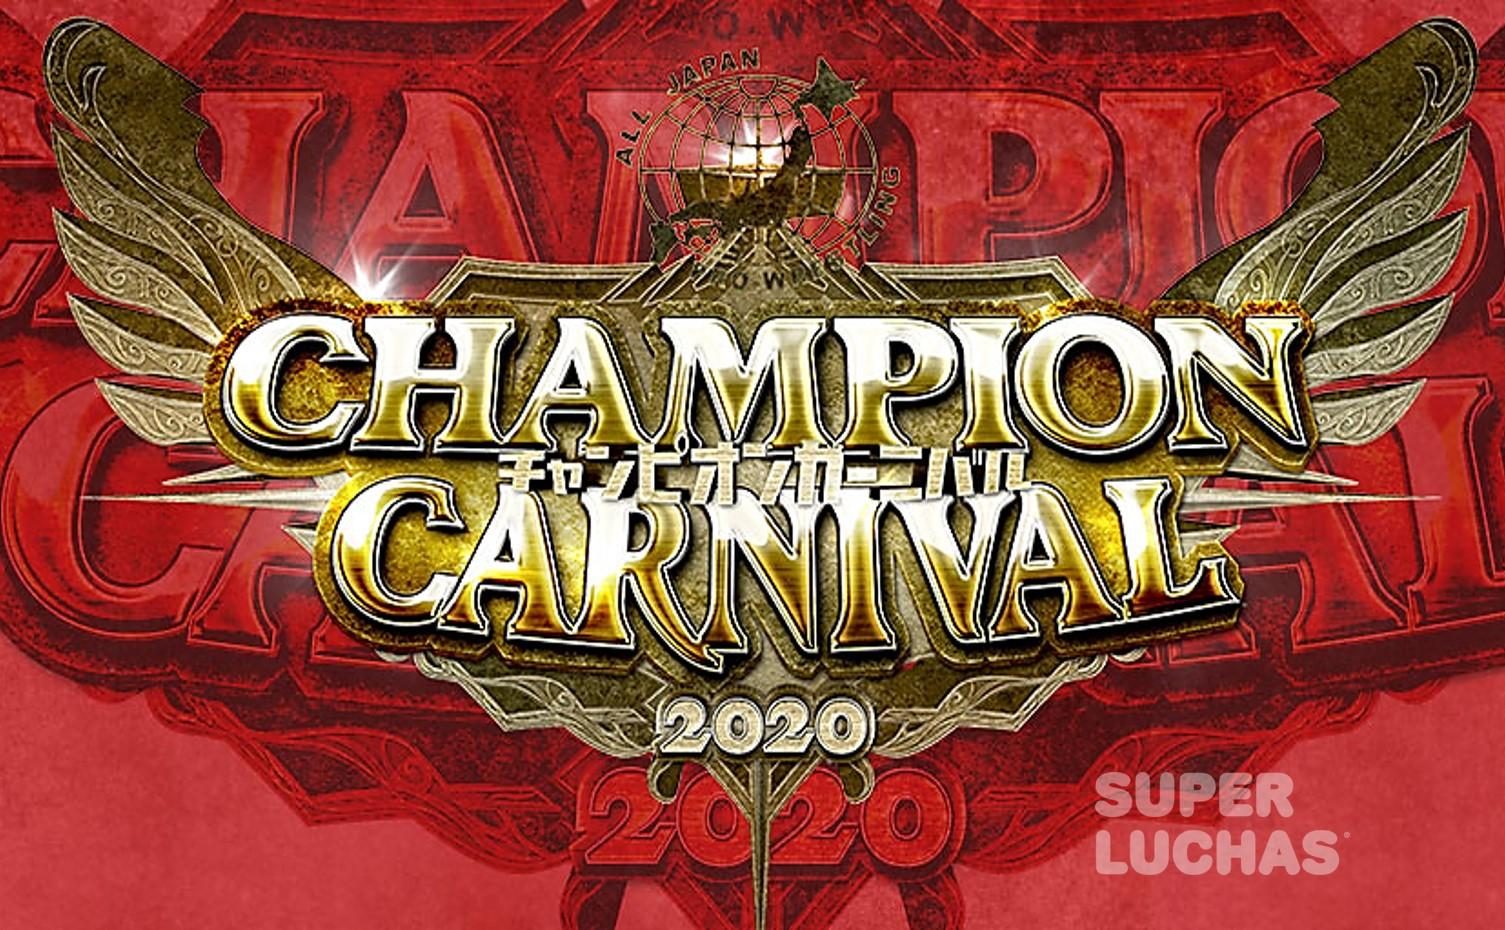 AJPW: El Champion Carnival 2020 será en septiembre, ¿Competencia del G1 Climax? 1